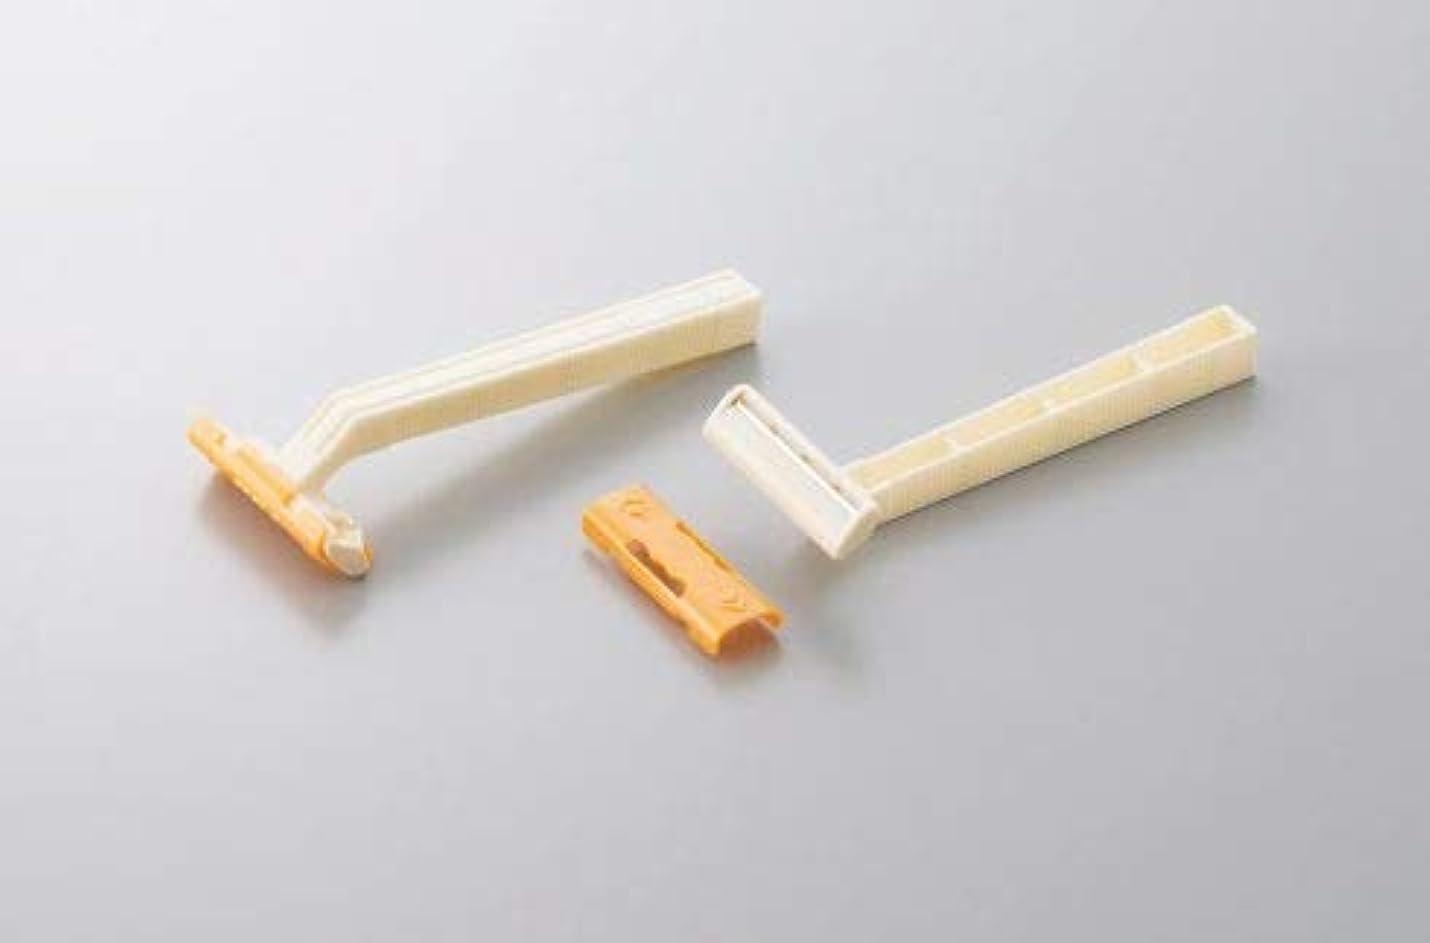 浪費亡命有利daito T字カミソリ バラ バルク ロード1?固定式1枚刃 2000本セット